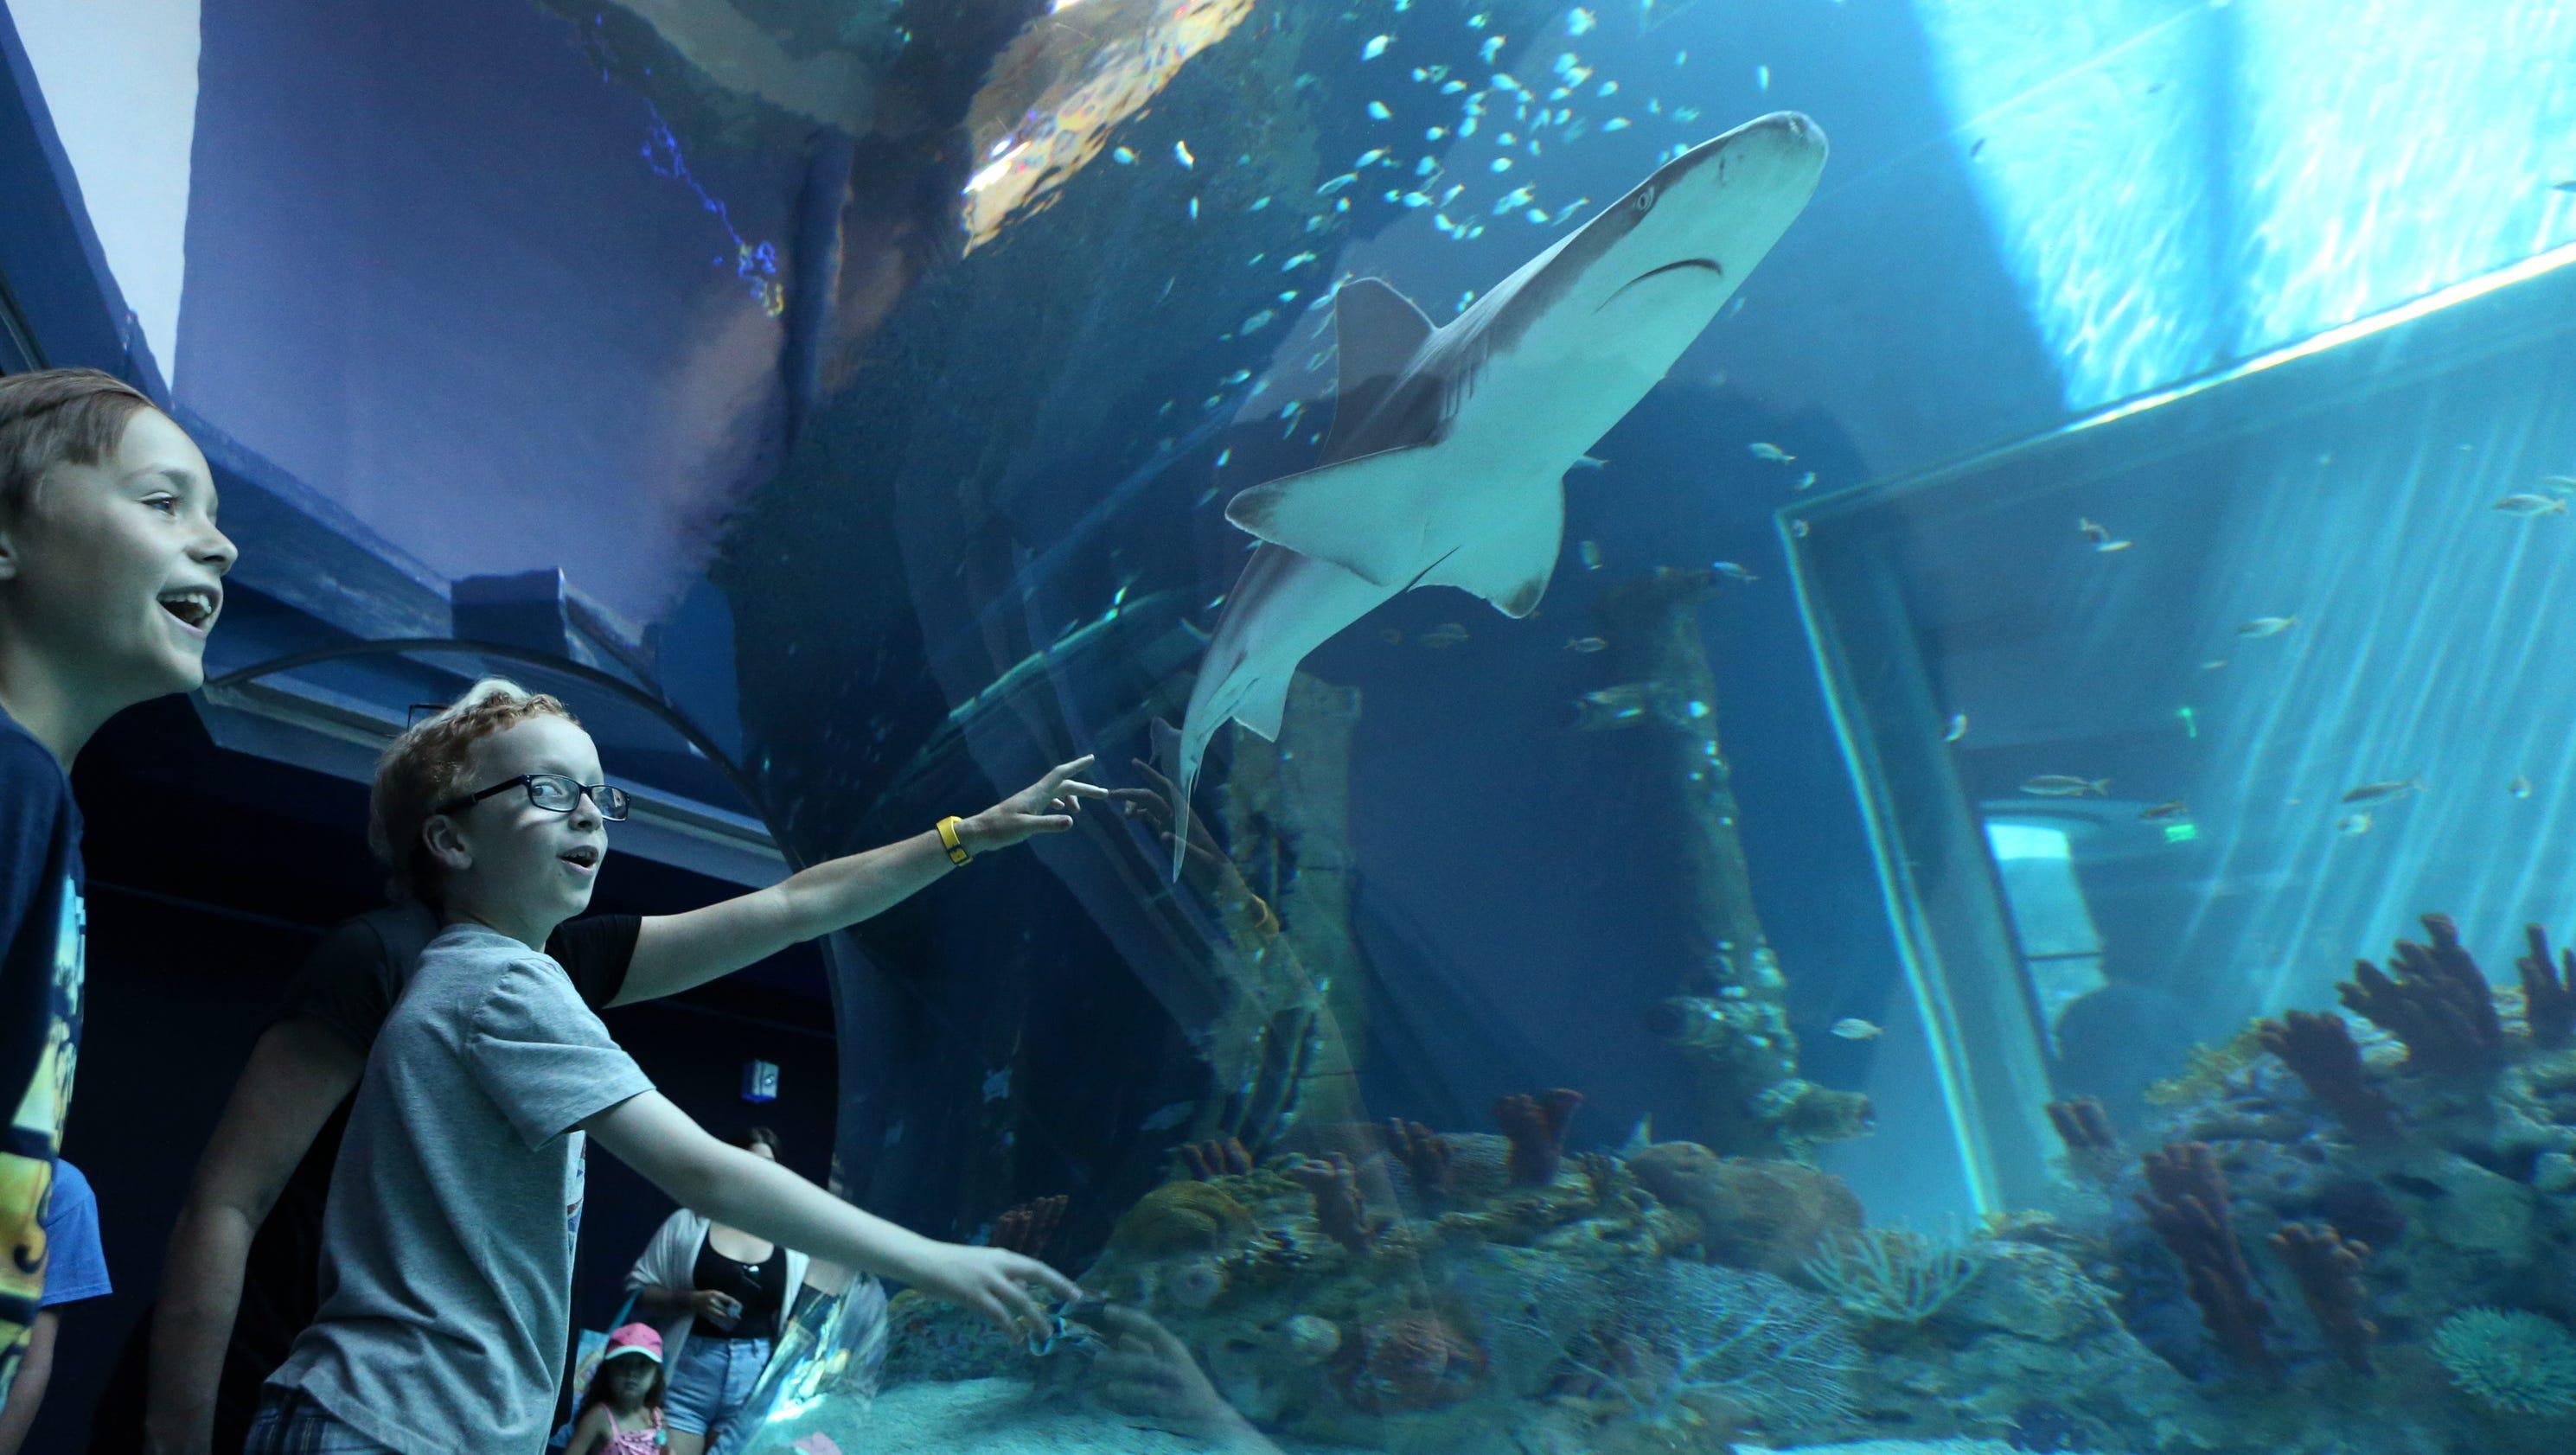 Texas State Aquarium Celebrates Caribbean Journey With